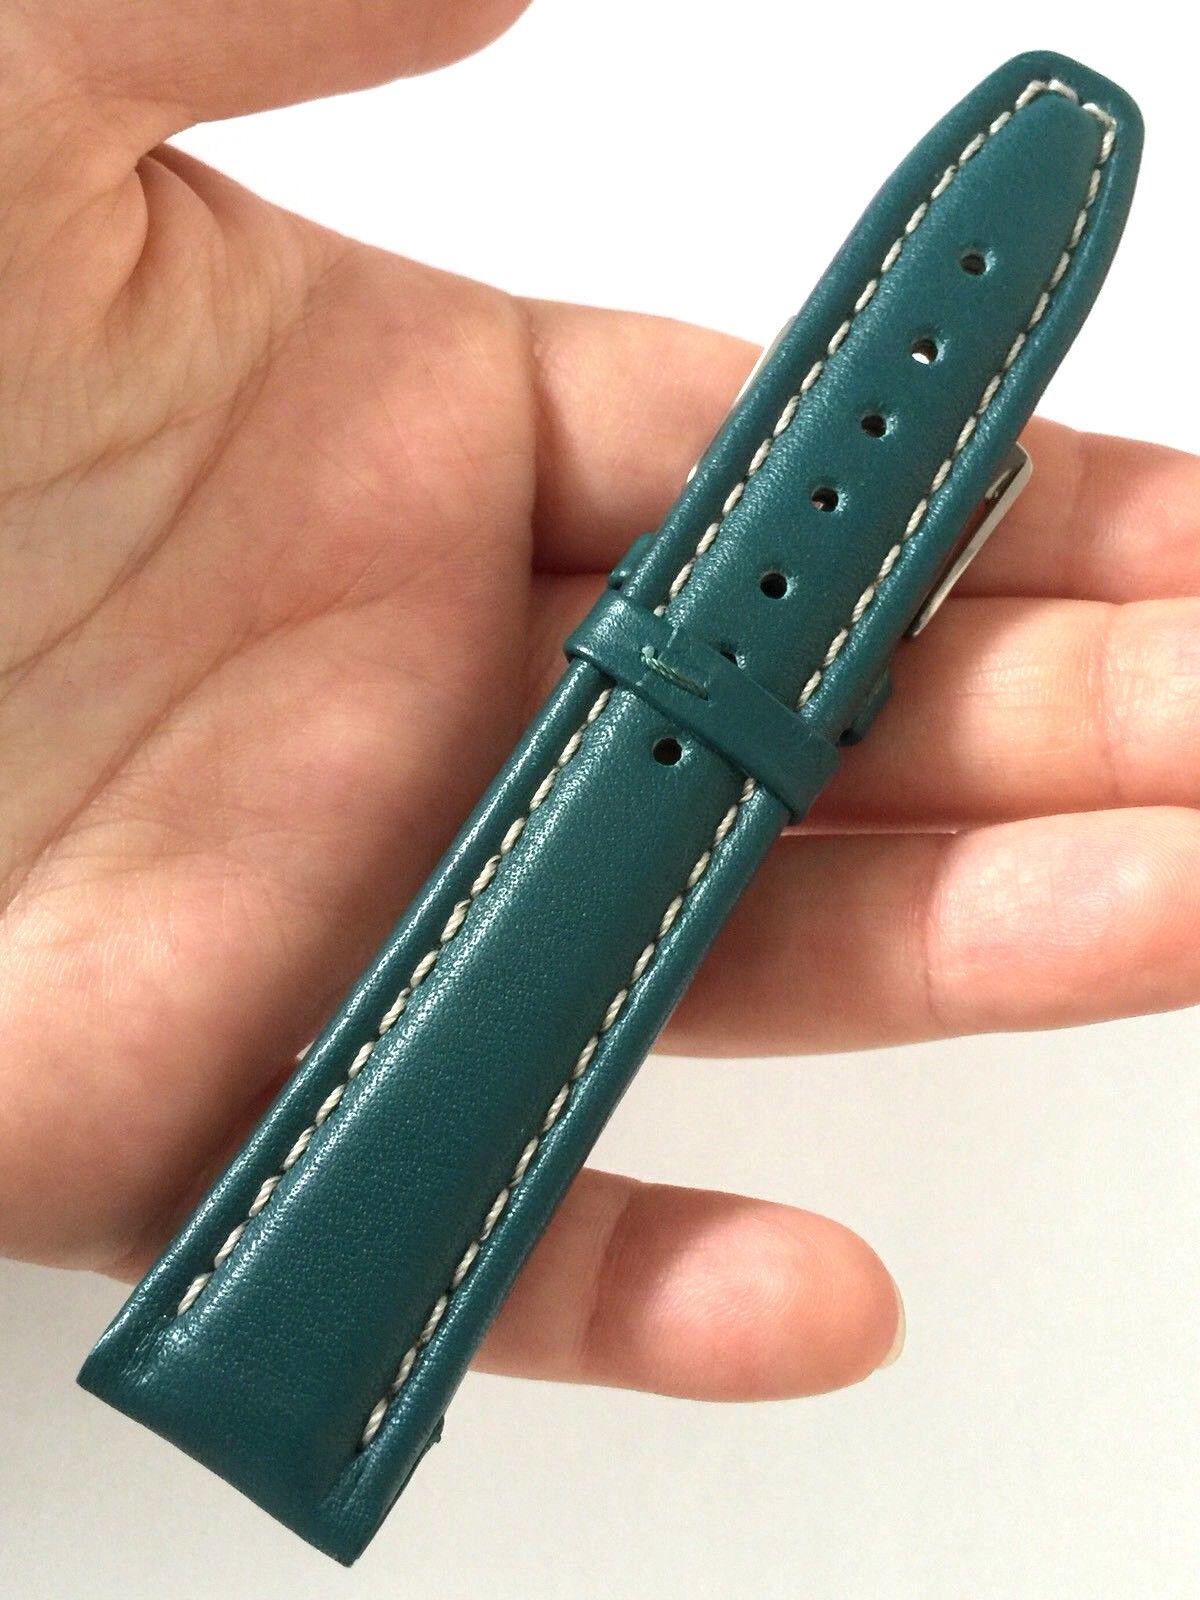 Fortis Herren Schweizer Bläulich Grün Leder Uhrenarmband 20mm NOS Edelstahl